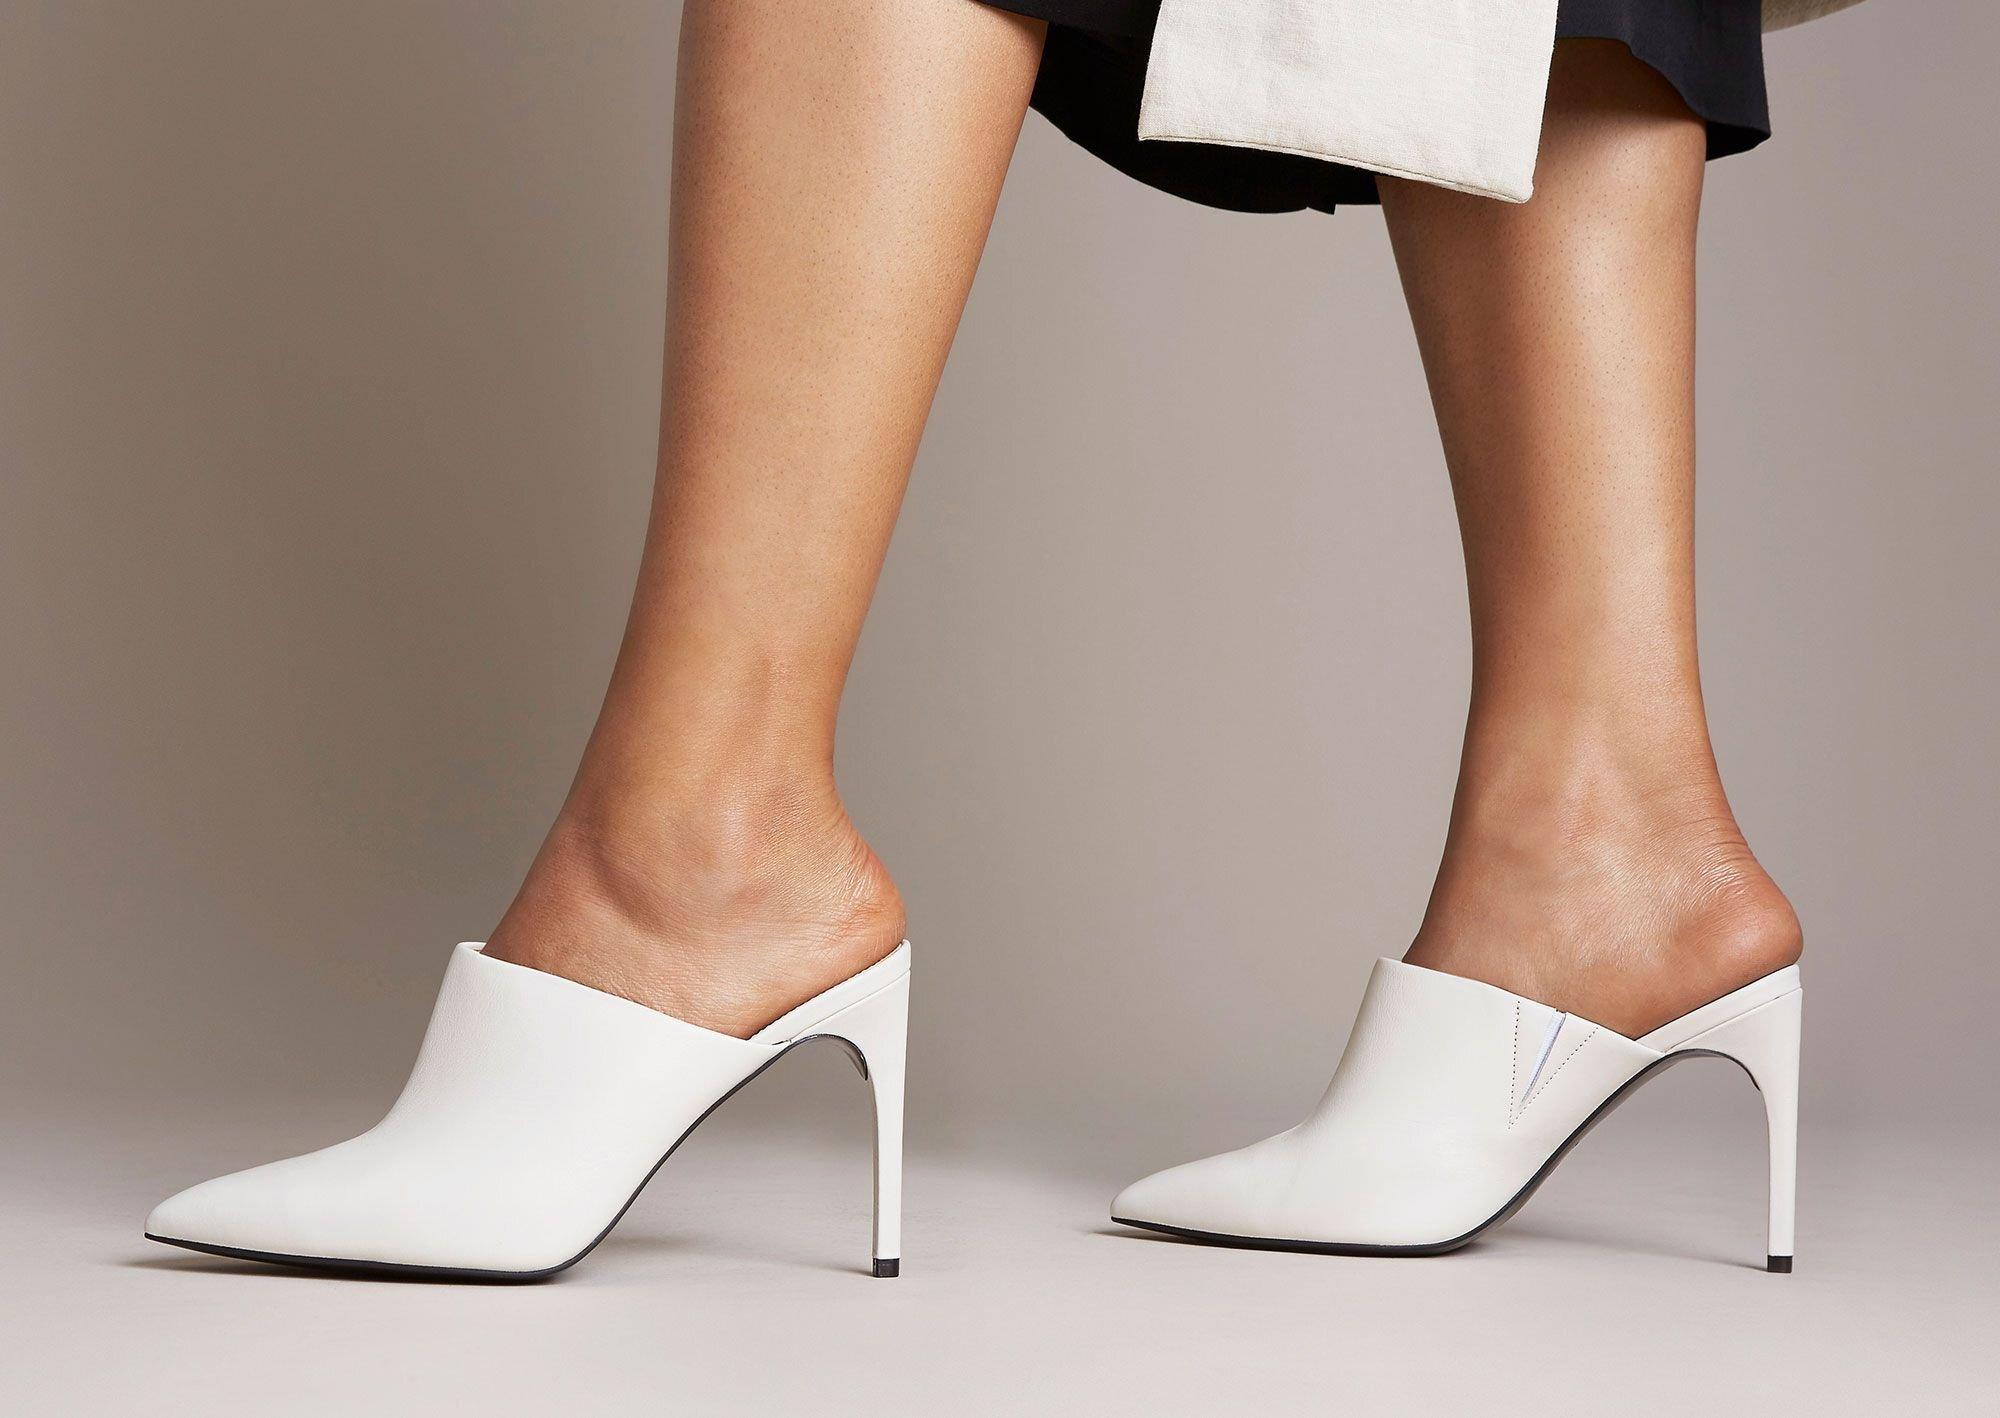 Giày cao gót Mules sang trọng và hiện đại